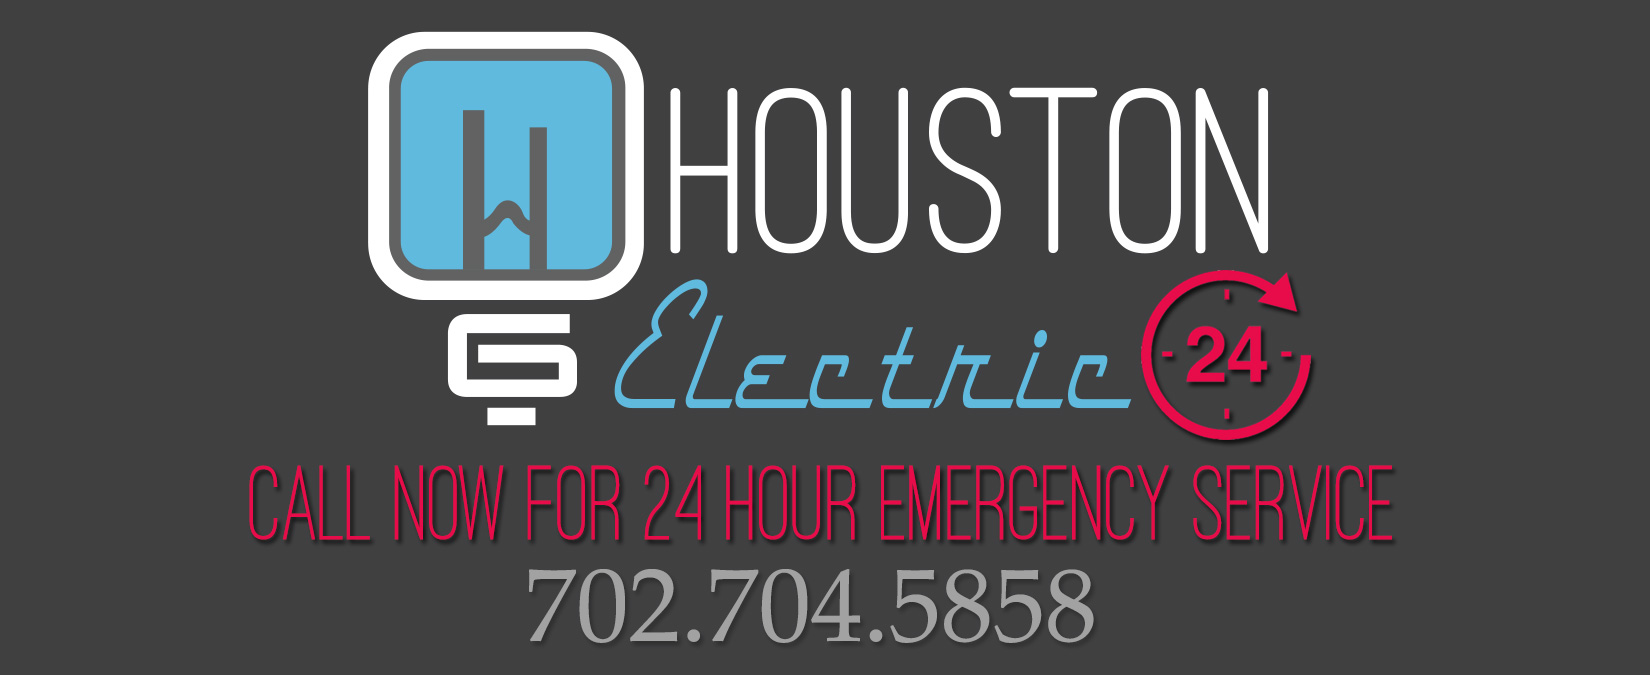 Best Electricians Las Vegas - Houston Electric